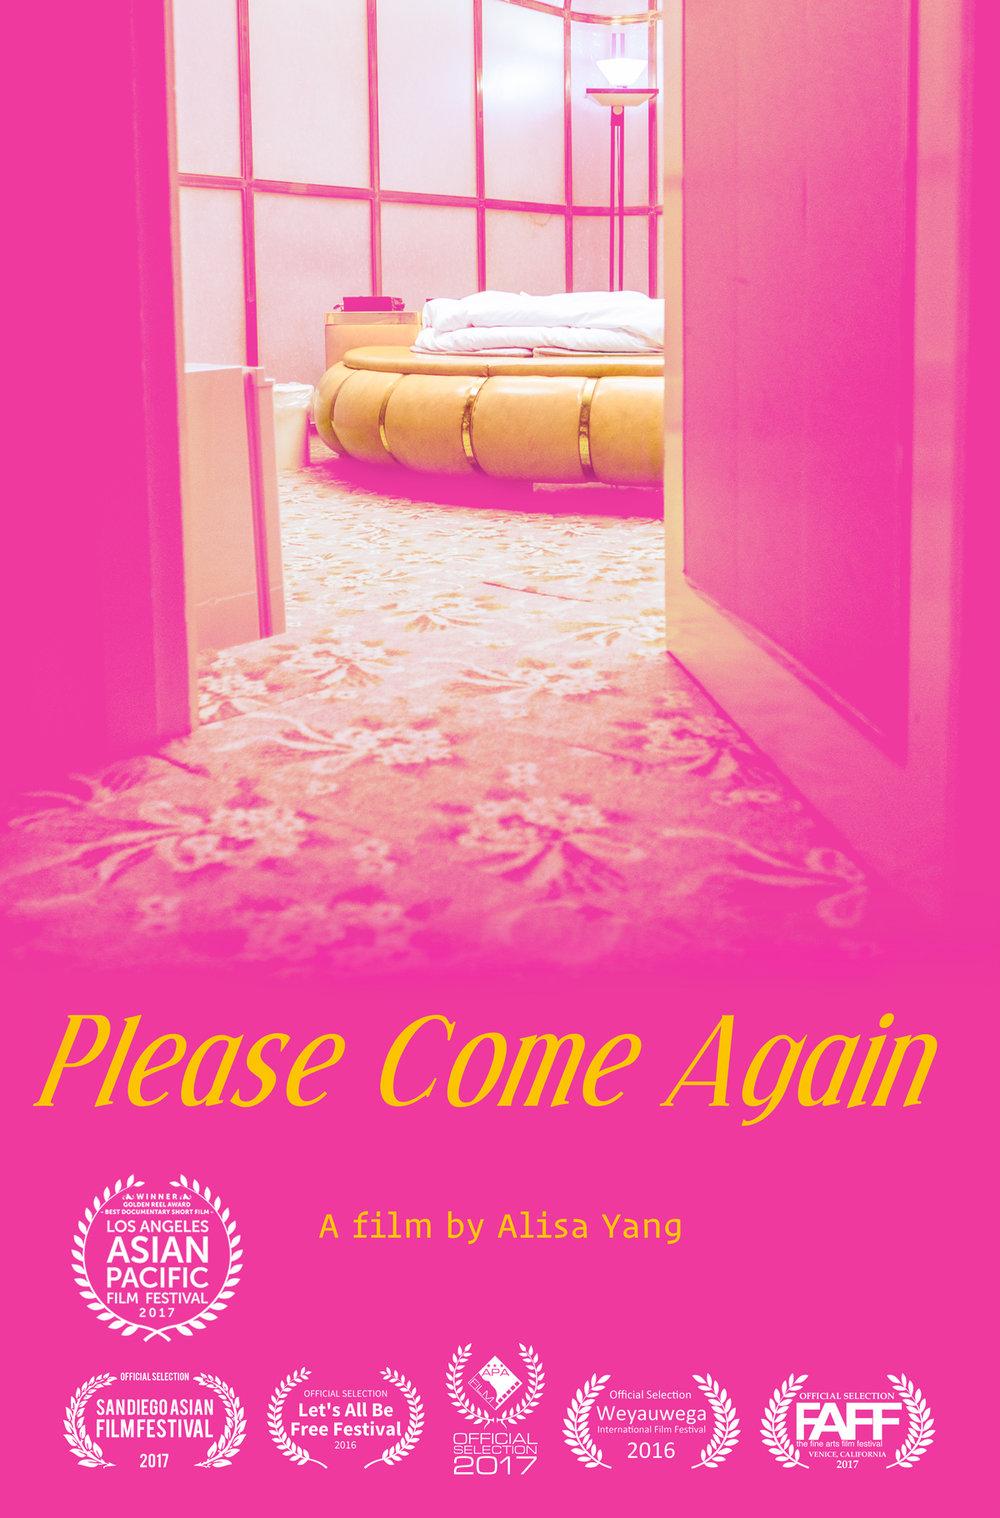 Please Come Again film poster 2017